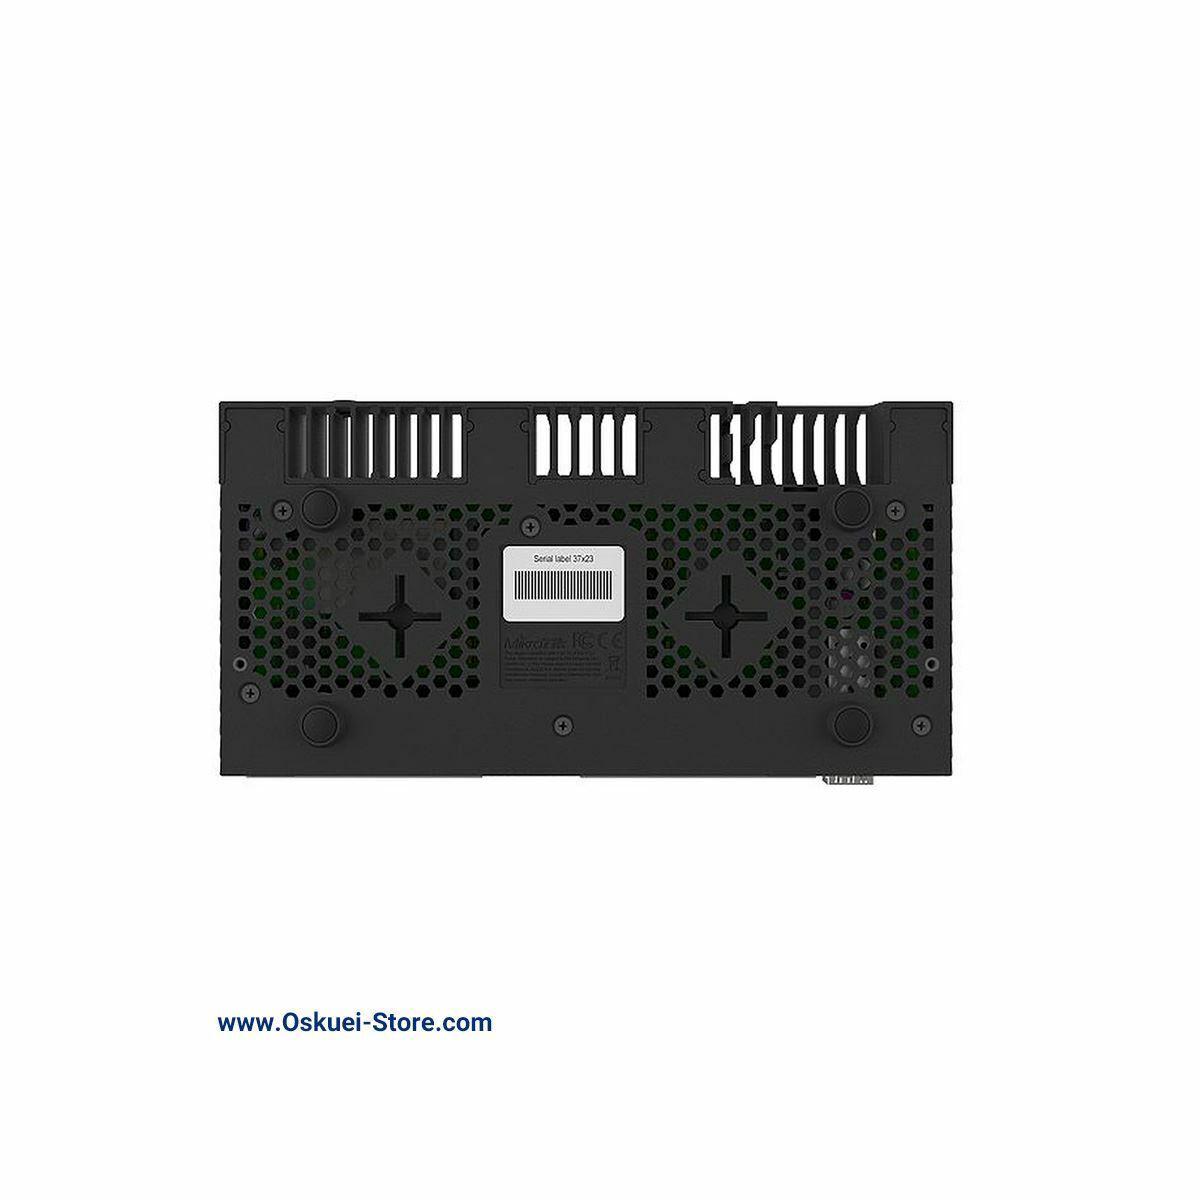 روتر میکروتیک مدل RB4011iGS+RM